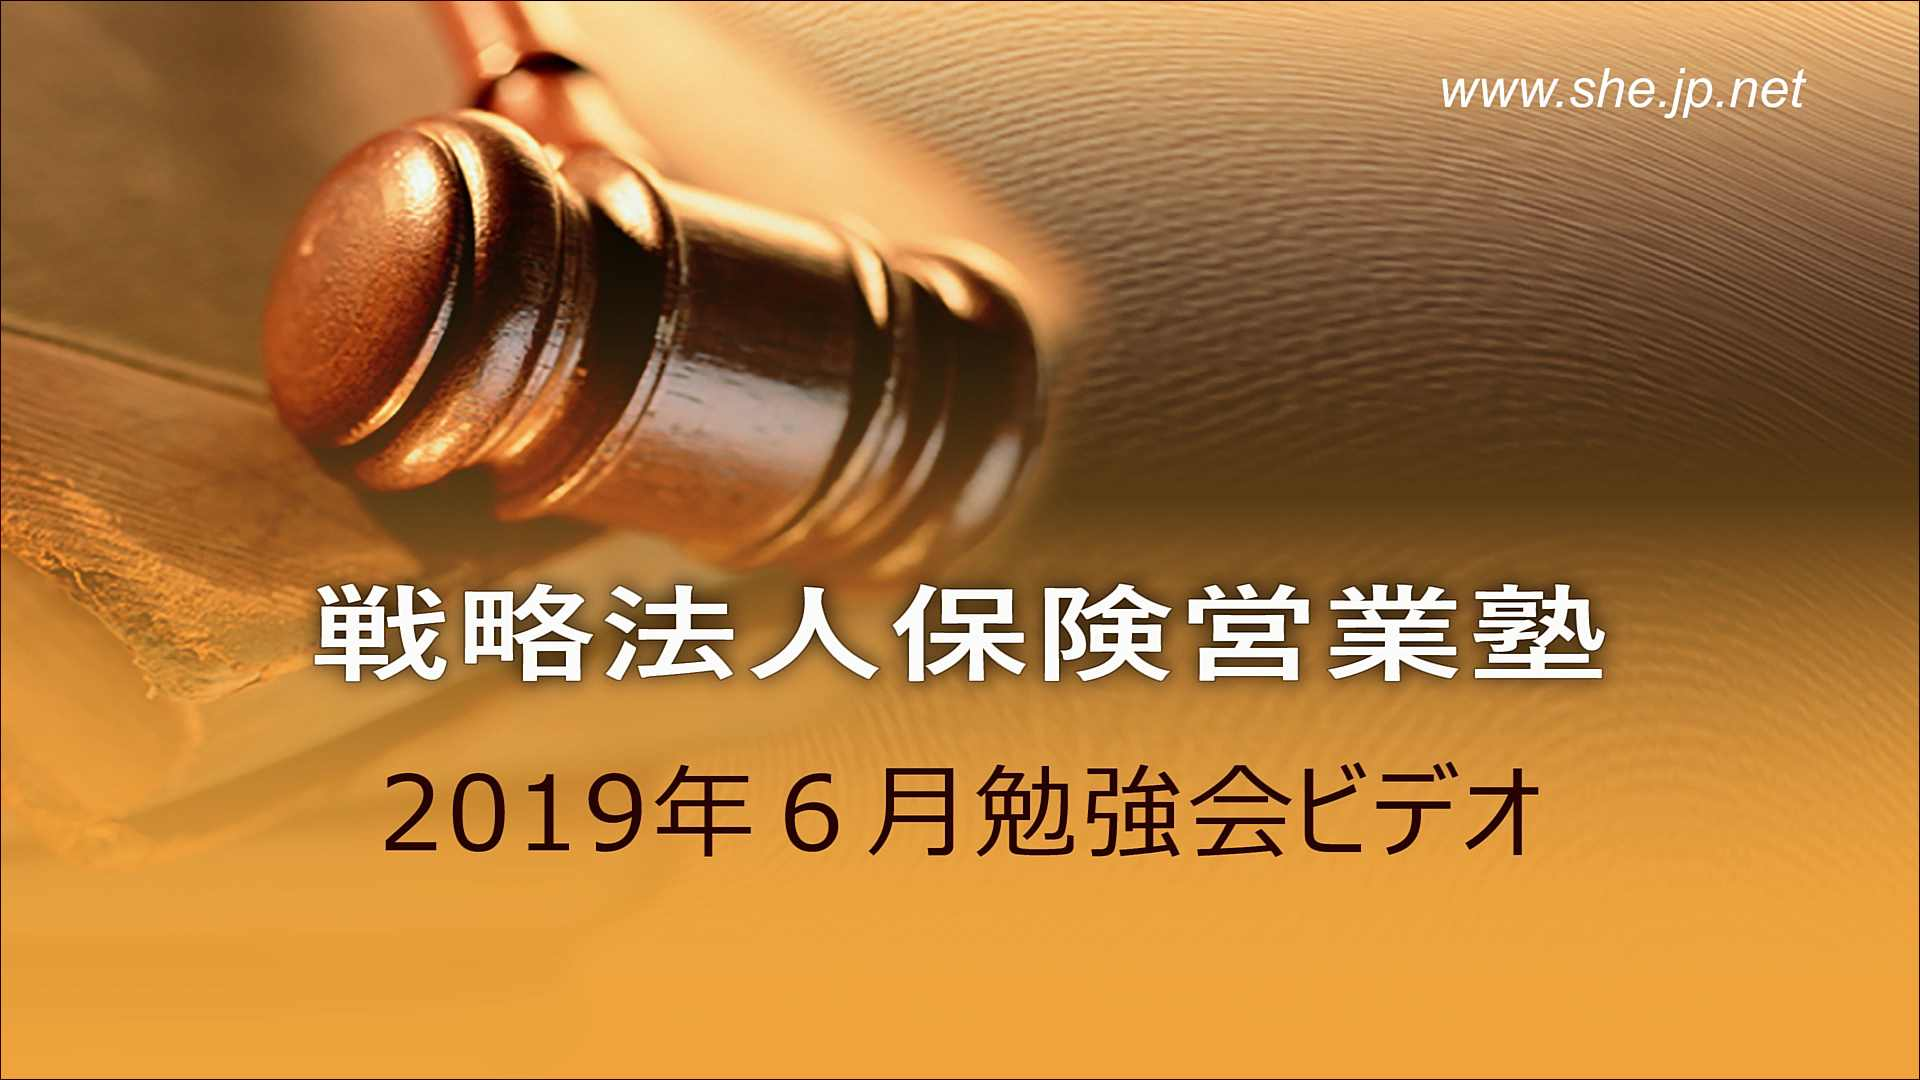 【受講者専用】 2019年06月度LiveSHE勉強会ビデオ(メンバー限定)